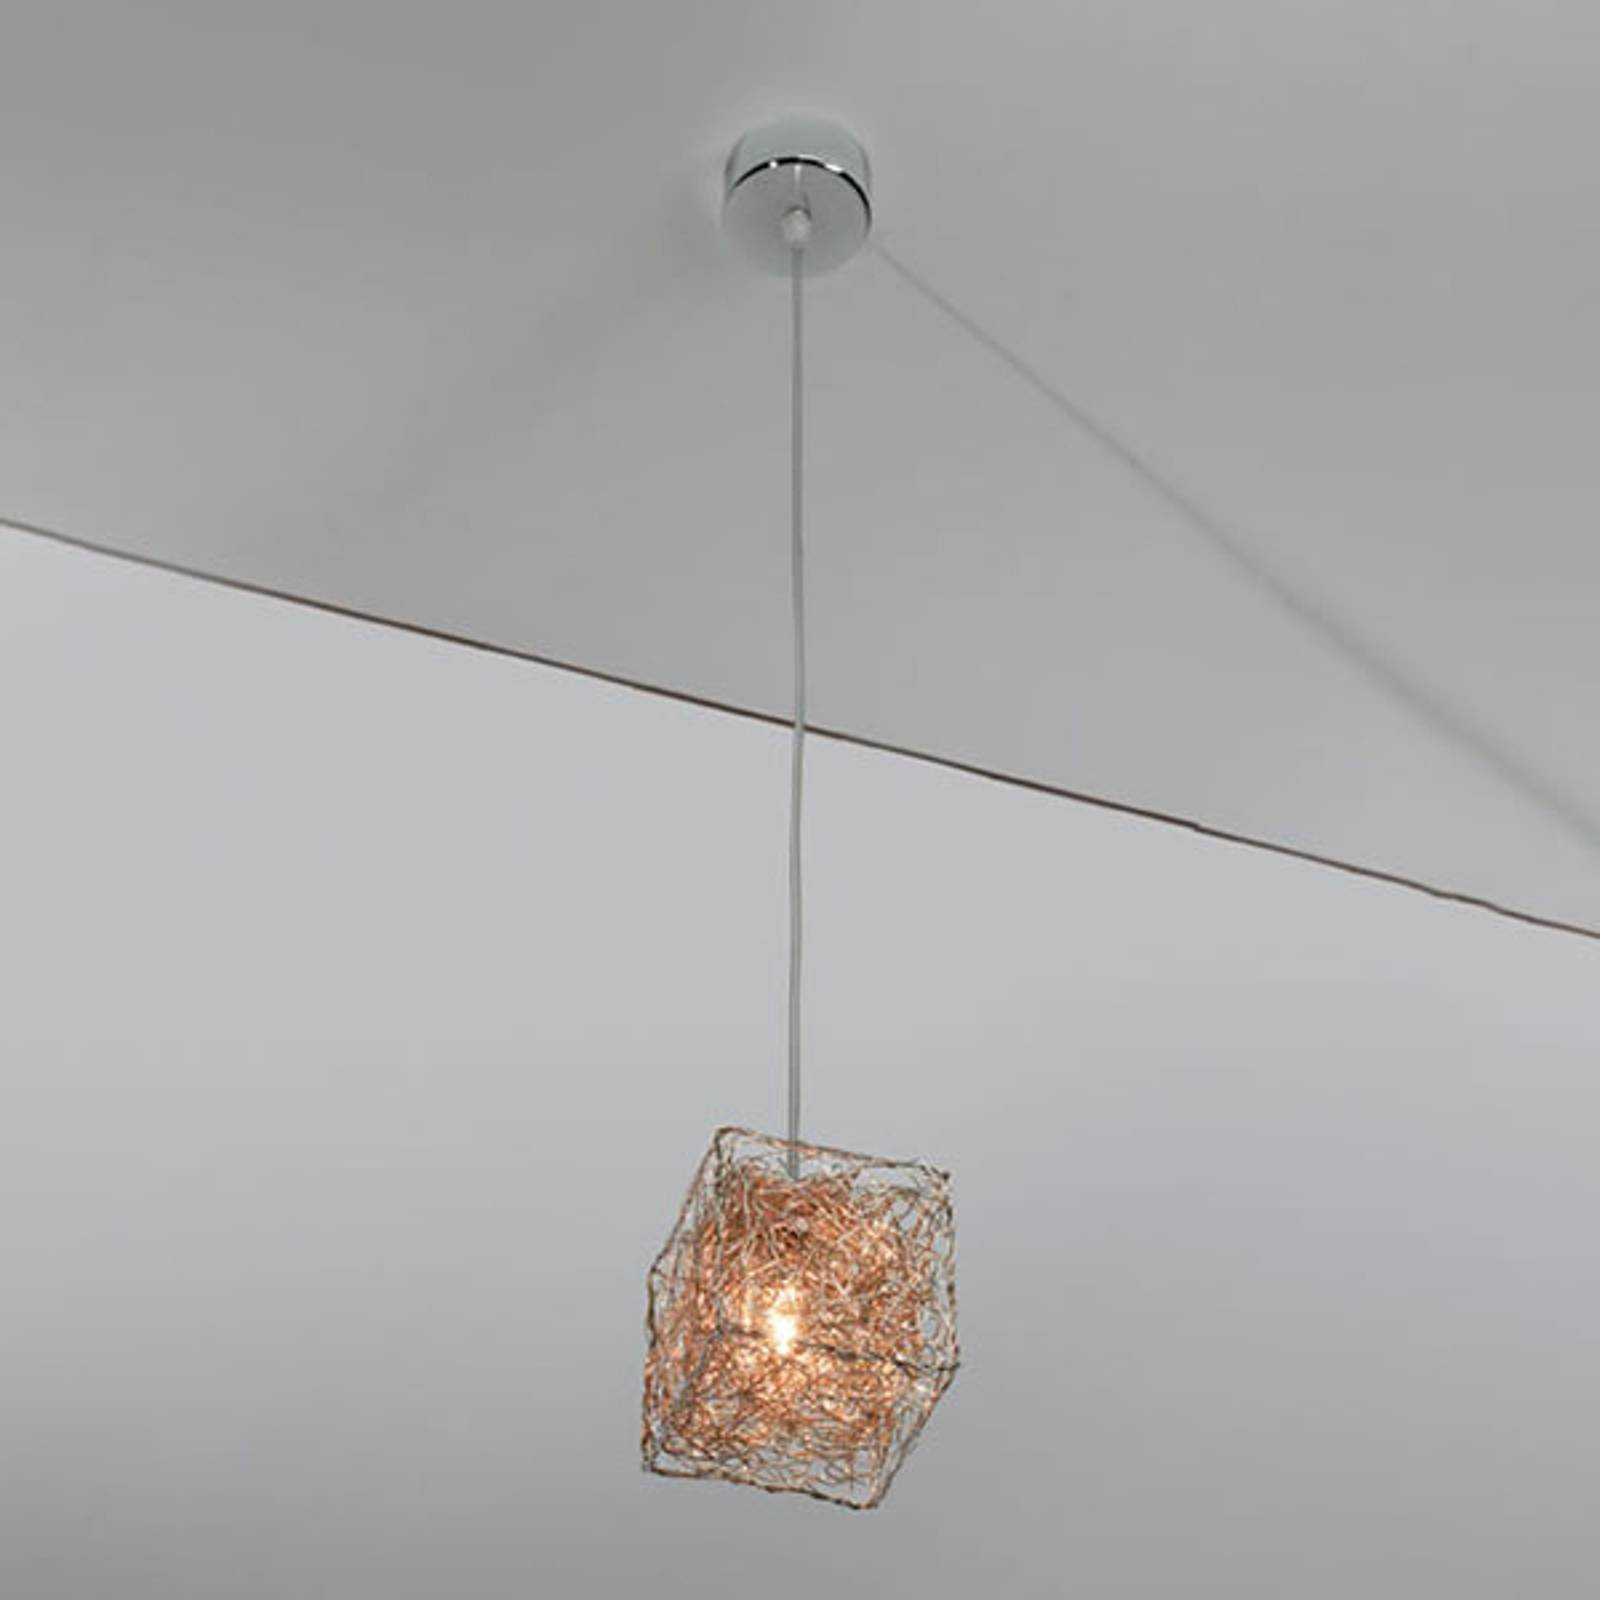 Knikerboker Kubini - designer LED-hengelampe